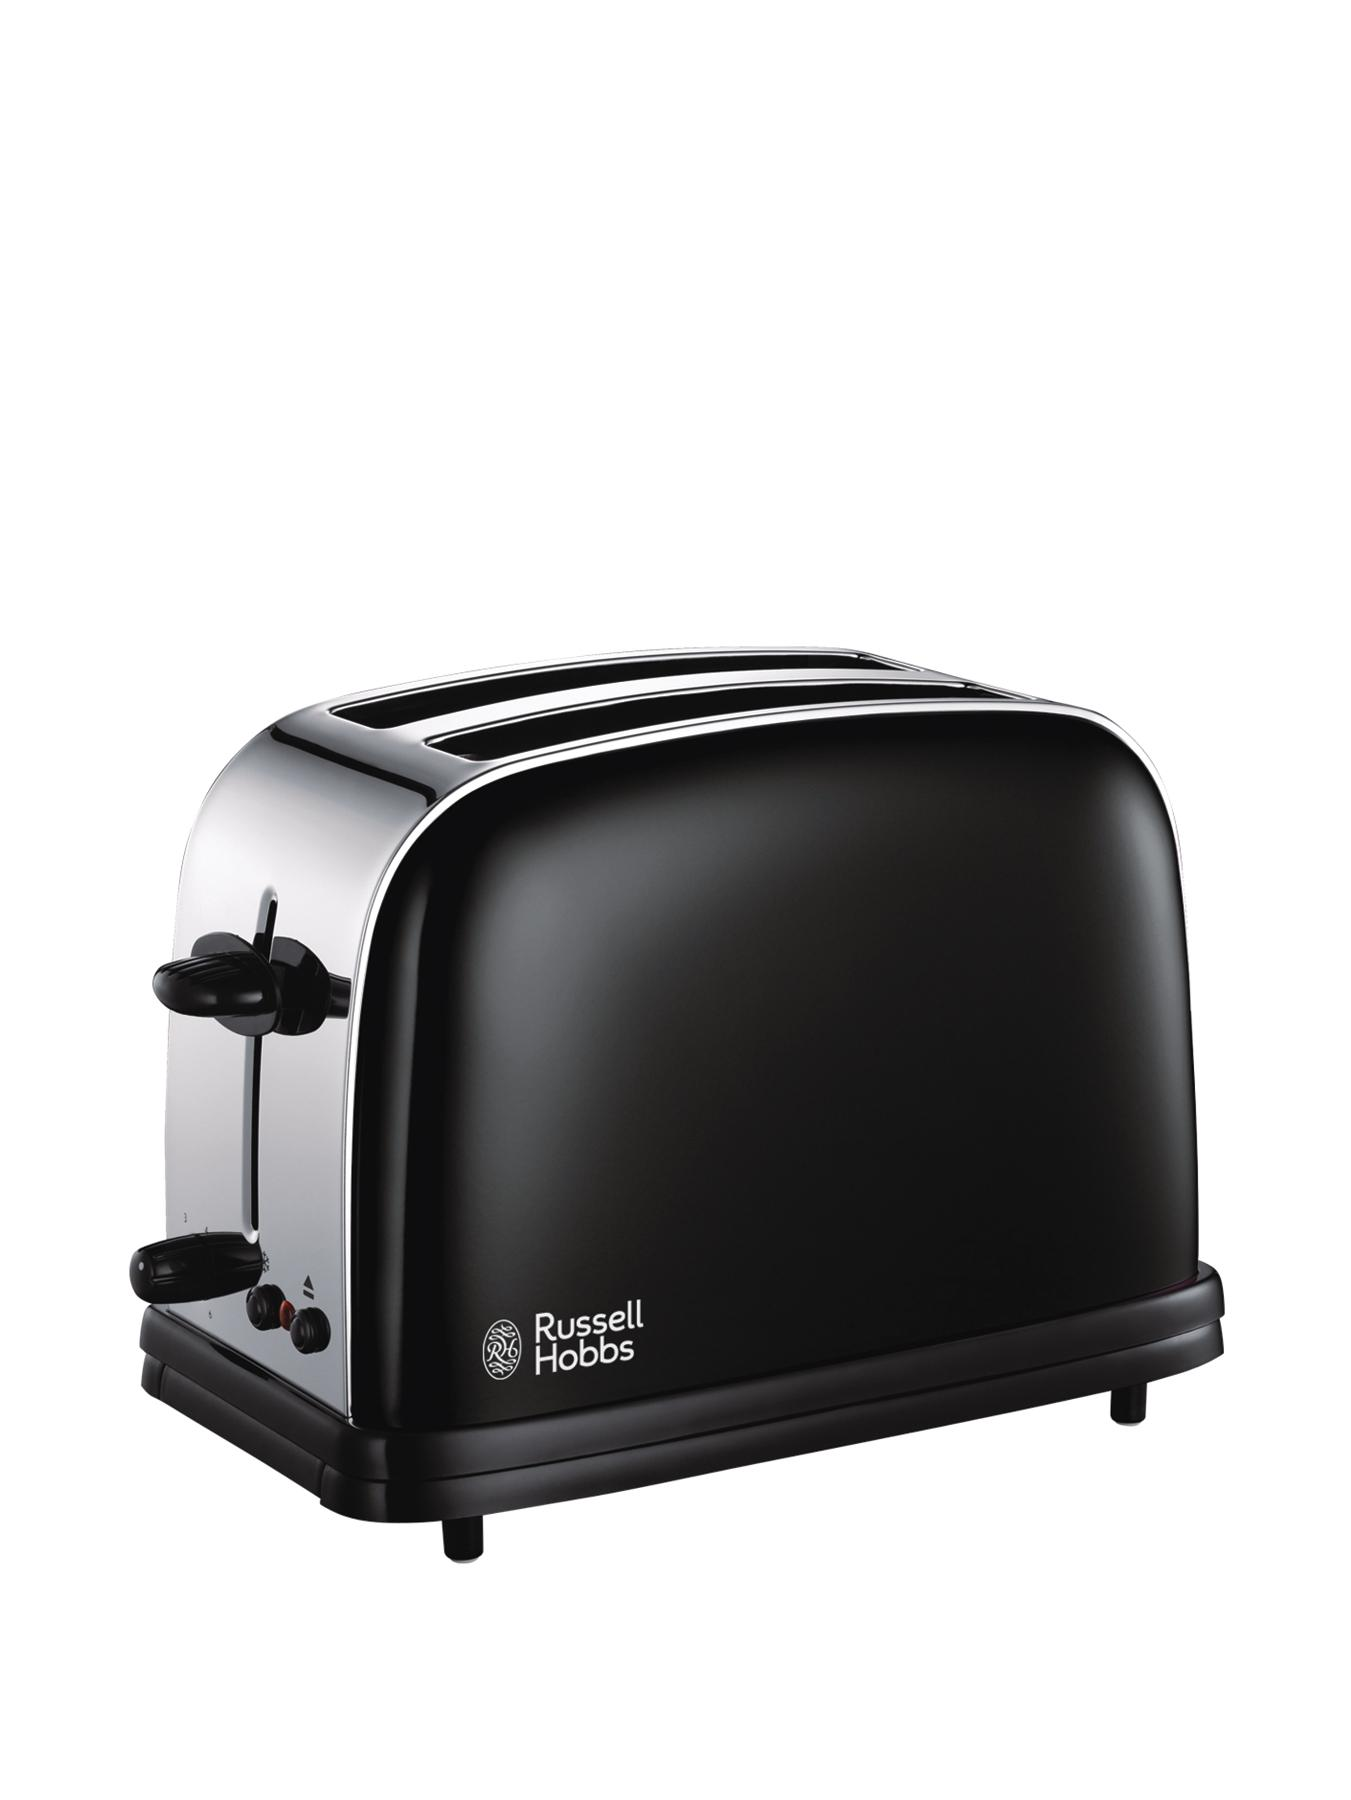 Russell Hobbs  2-Slice Toaster, Black